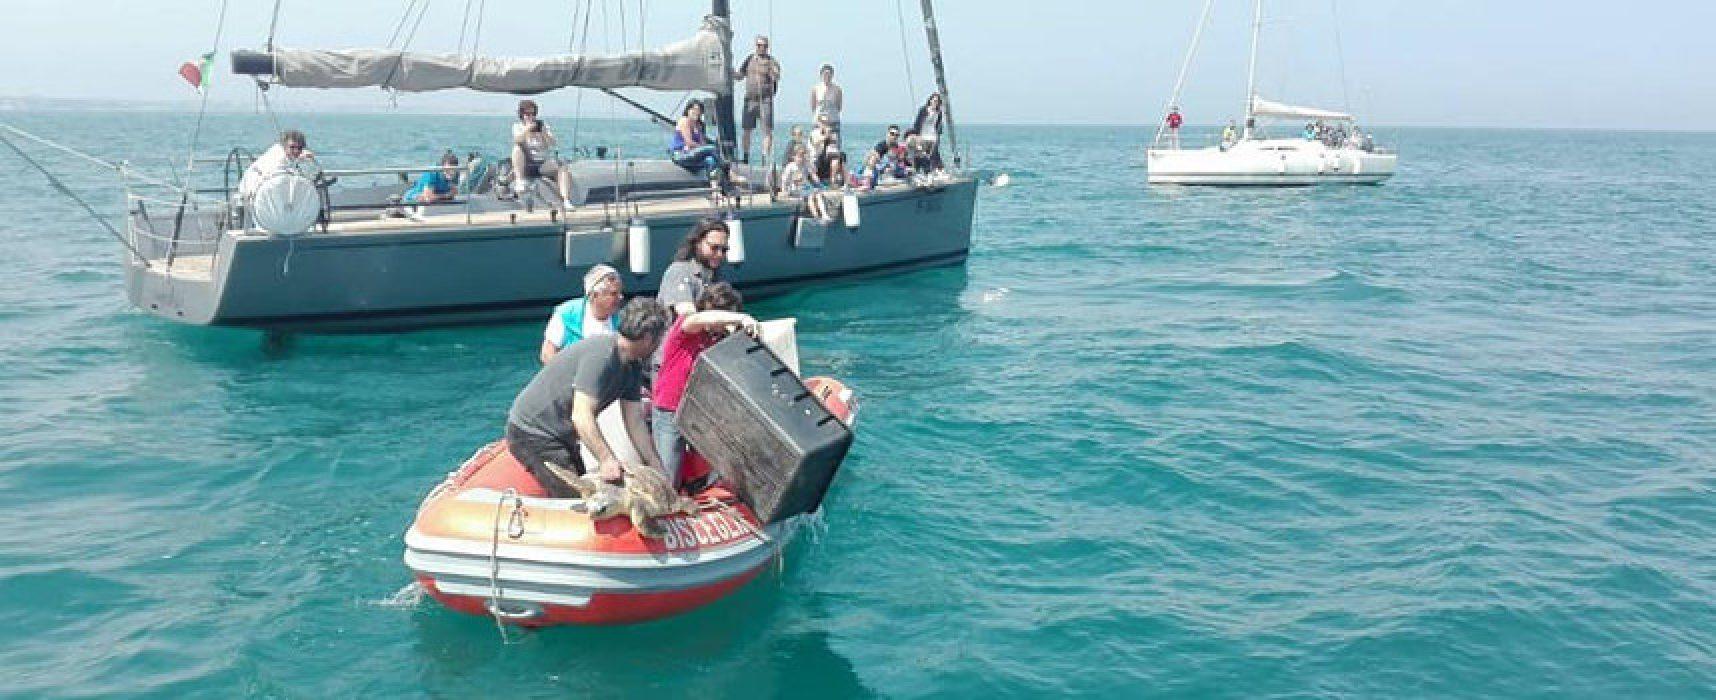 Tre tartarughe marine caretta caretta liberate nel mare di Bisceglie